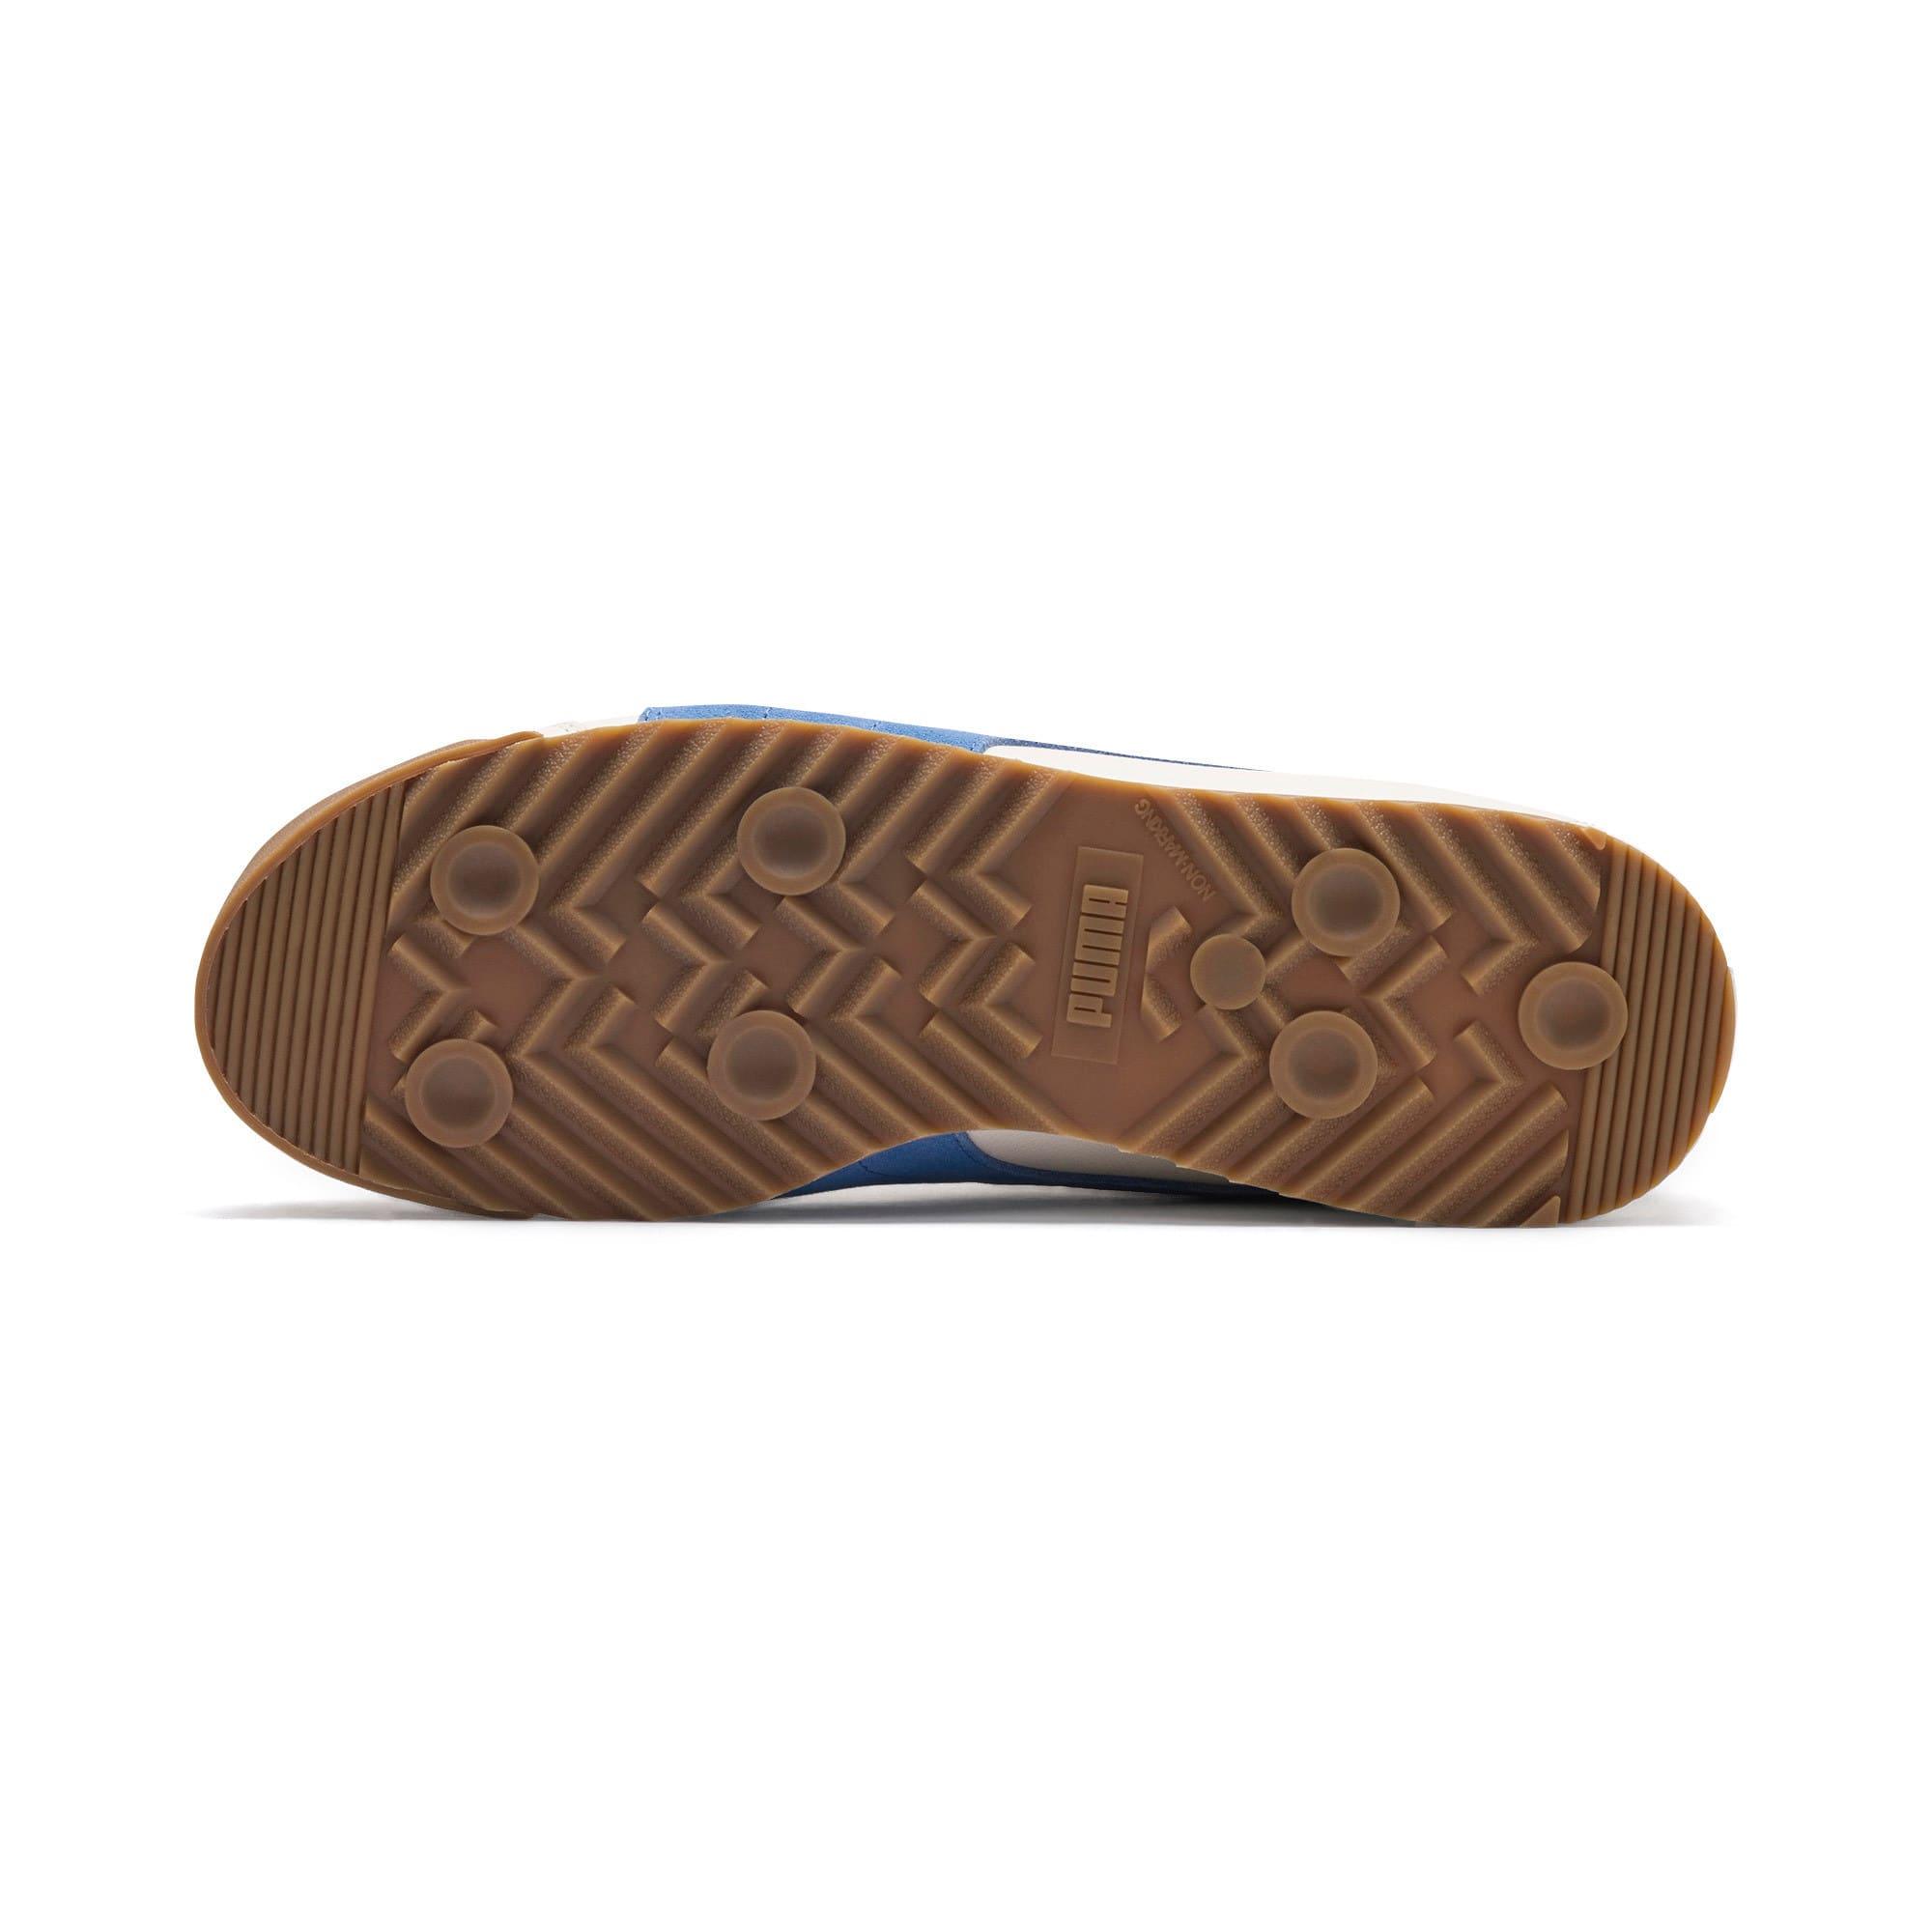 Miniatura 5 de Zapatos deportivosRoma '68 OG, Whisper White-Blue Yonder, mediano